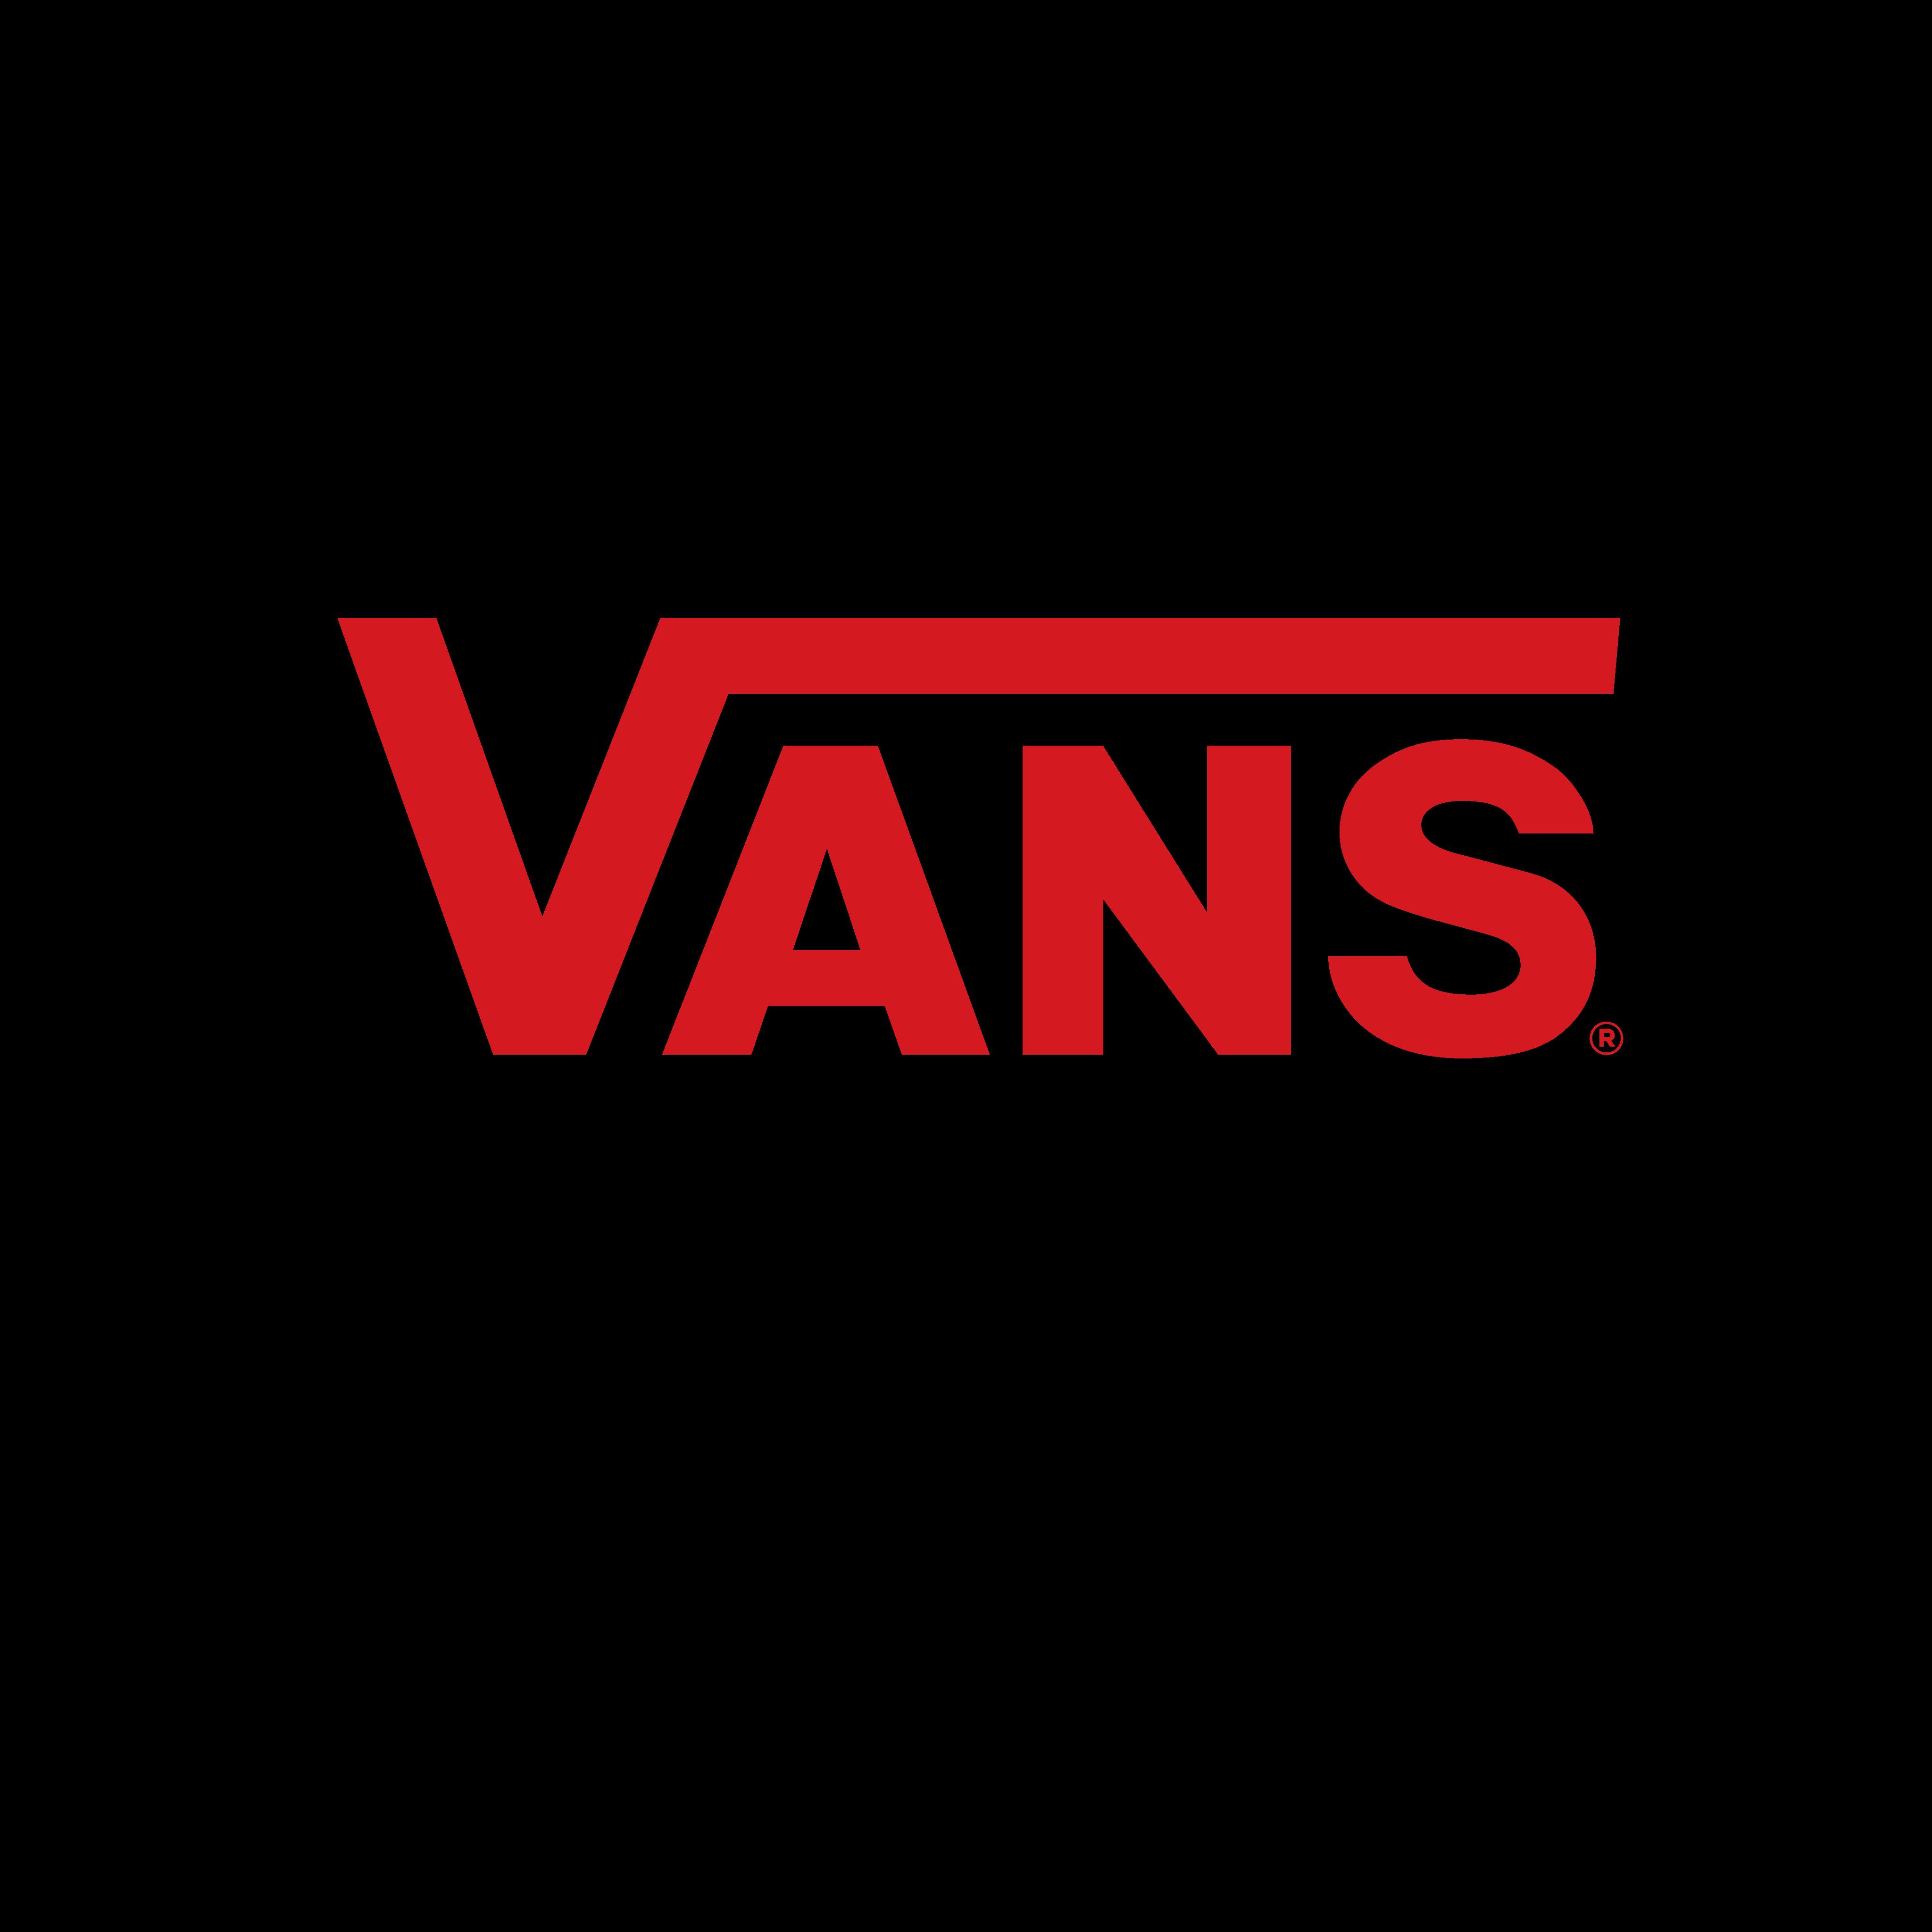 vans logo 0 - Vans Logo